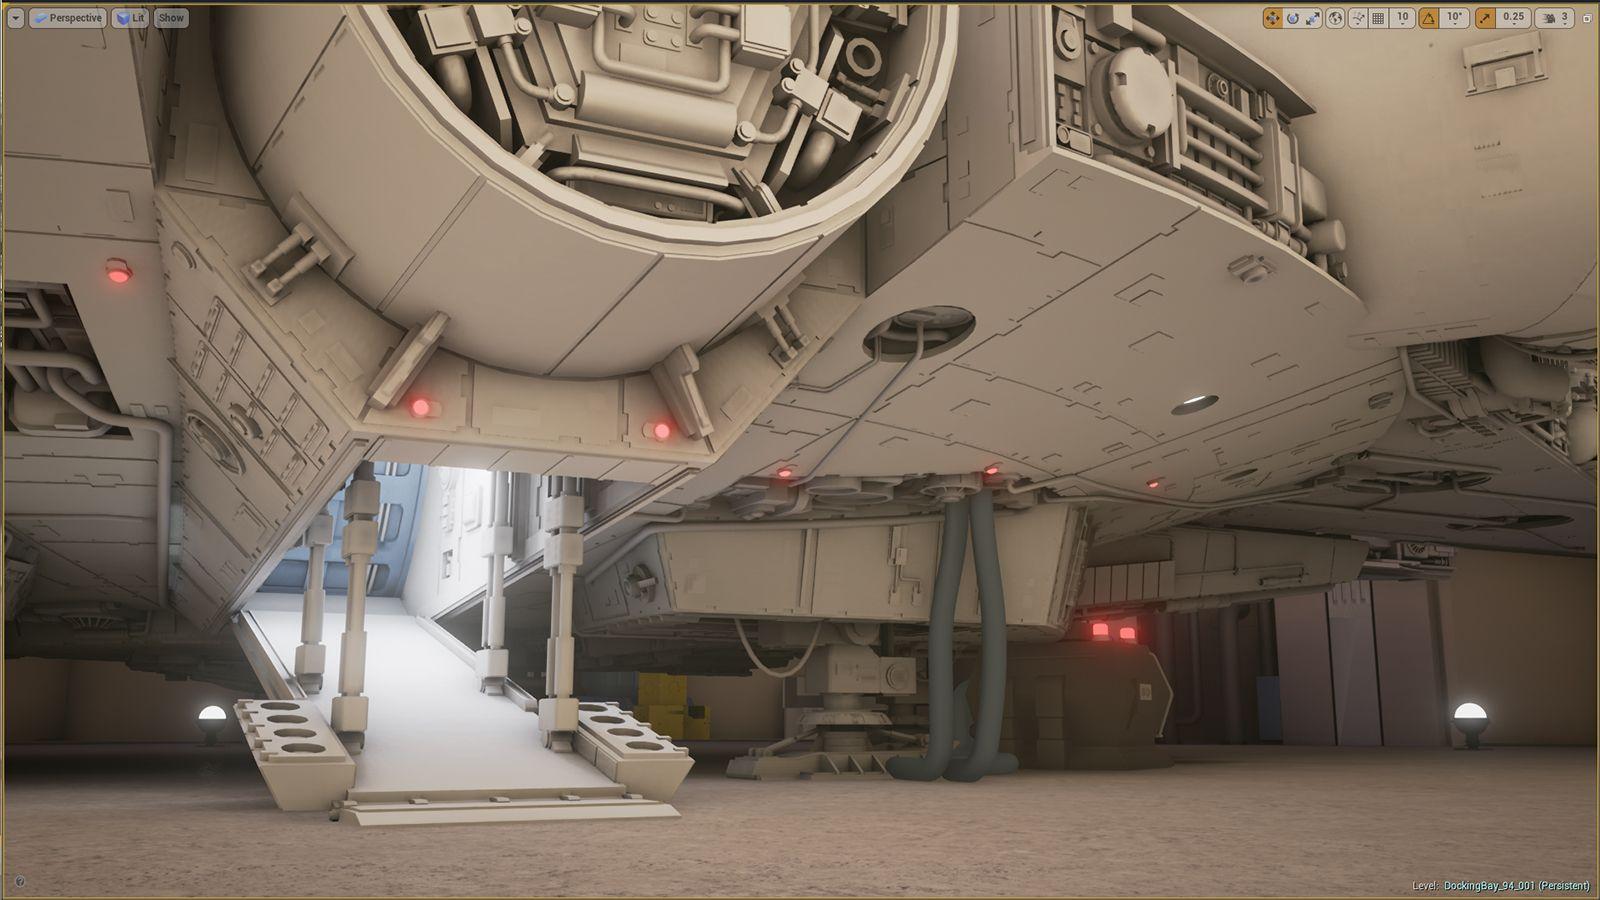 Star Wars Mania: Docking Bay 94 - Polycount Forum